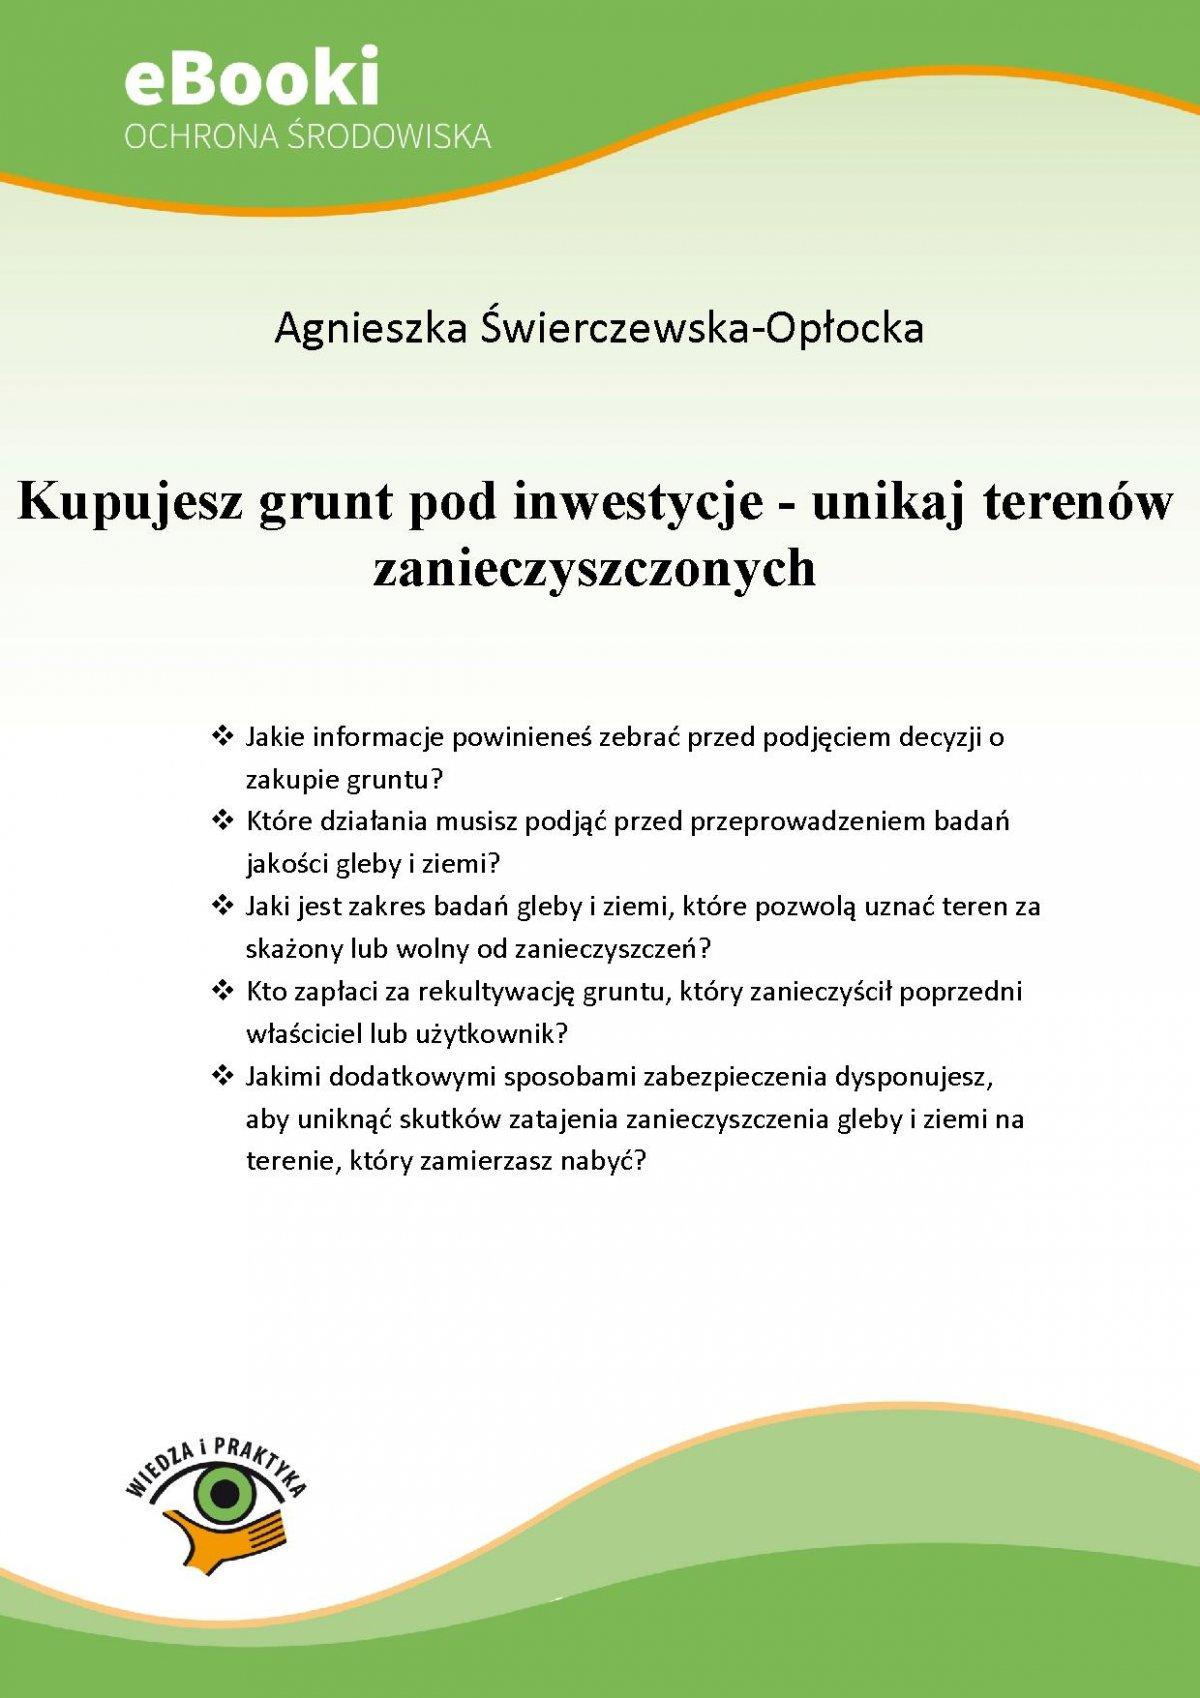 Kupujesz grunt pod inwestycje - unikaj terenów zanieczyszczonych - Ebook (Książka PDF) do pobrania w formacie PDF